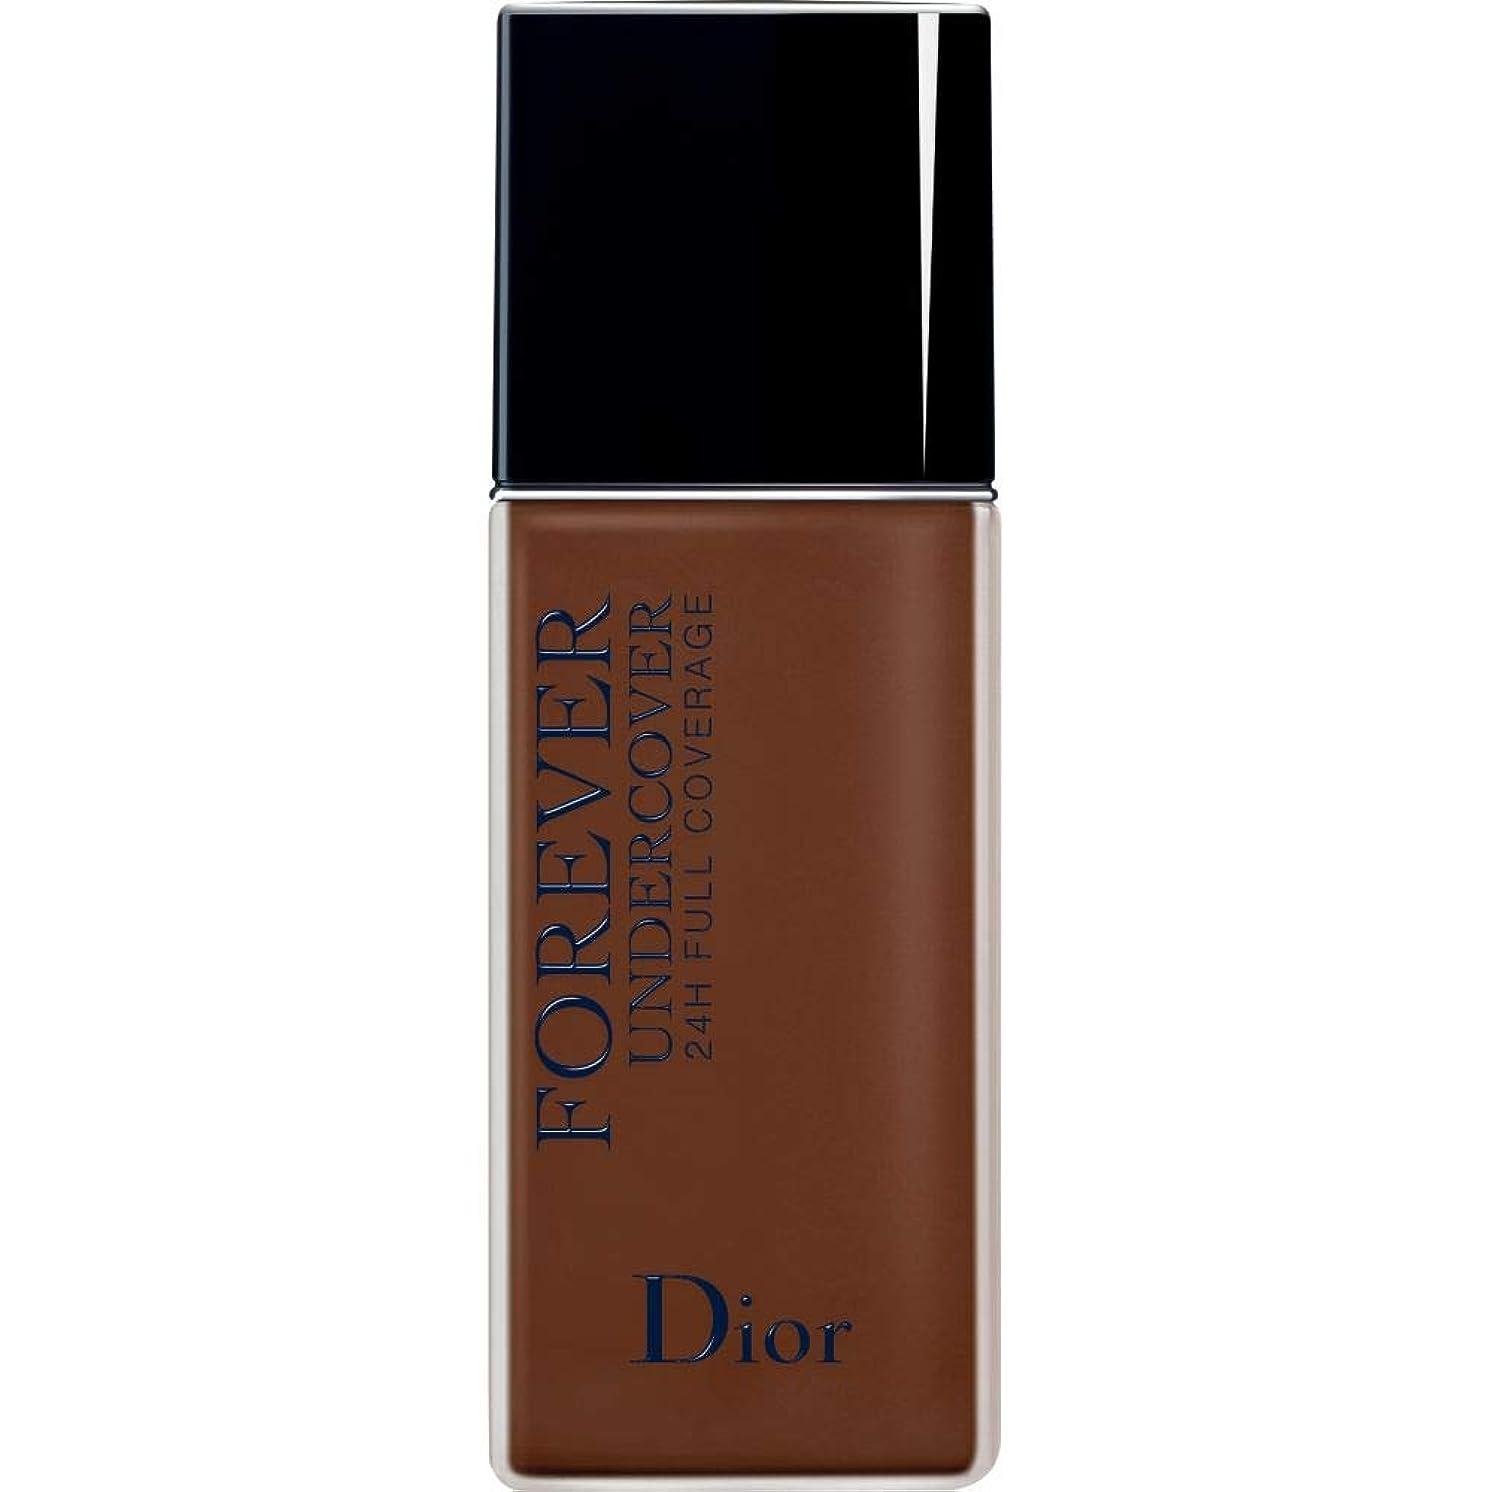 切り刻む不振爆発[Dior ] ディオールディオールスキン永遠アンダーカバーフルカバーの基礎40ミリリットル080 - 黒檀 - DIOR Diorskin Forever Undercover Full Coverage Foundation 40ml 080 - Ebony [並行輸入品]